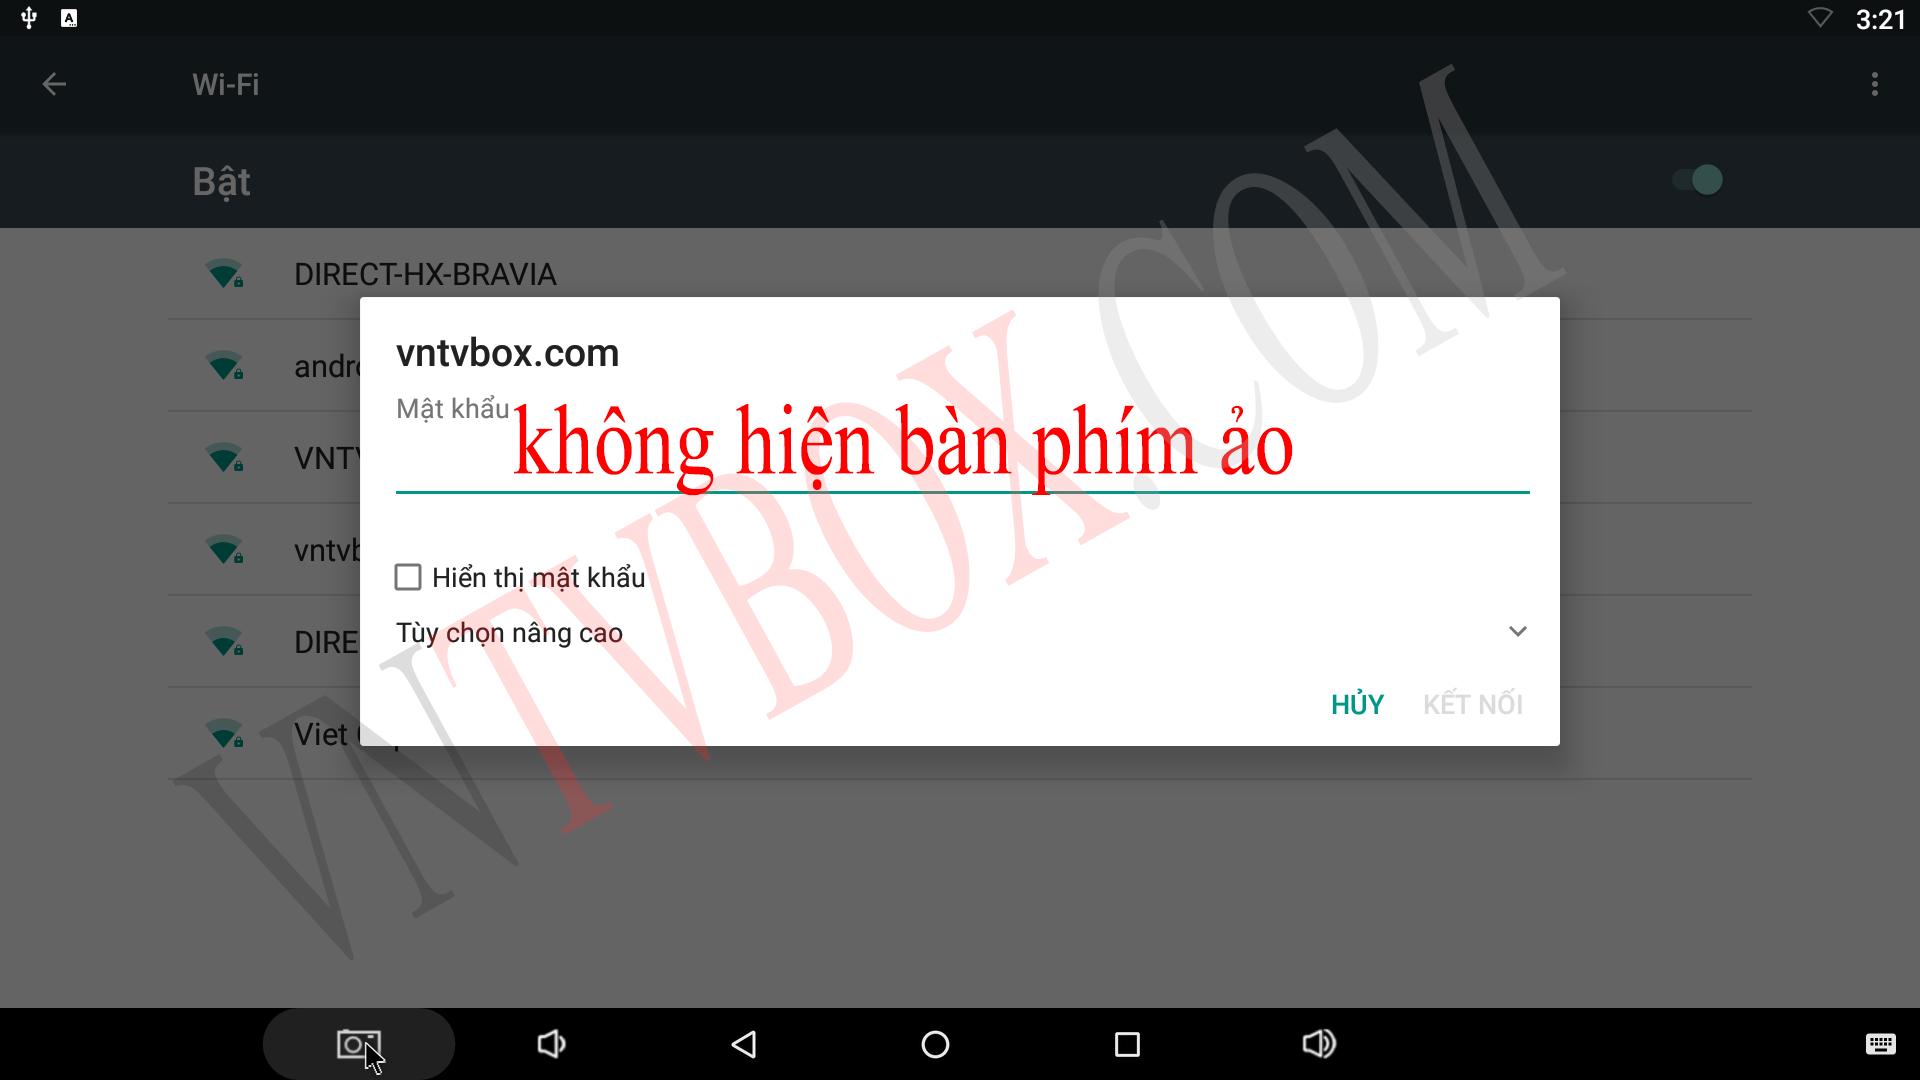 Hướng dẫn khắc phục lỗi không hiển thị bàn phím ảo trên Android Tv Box